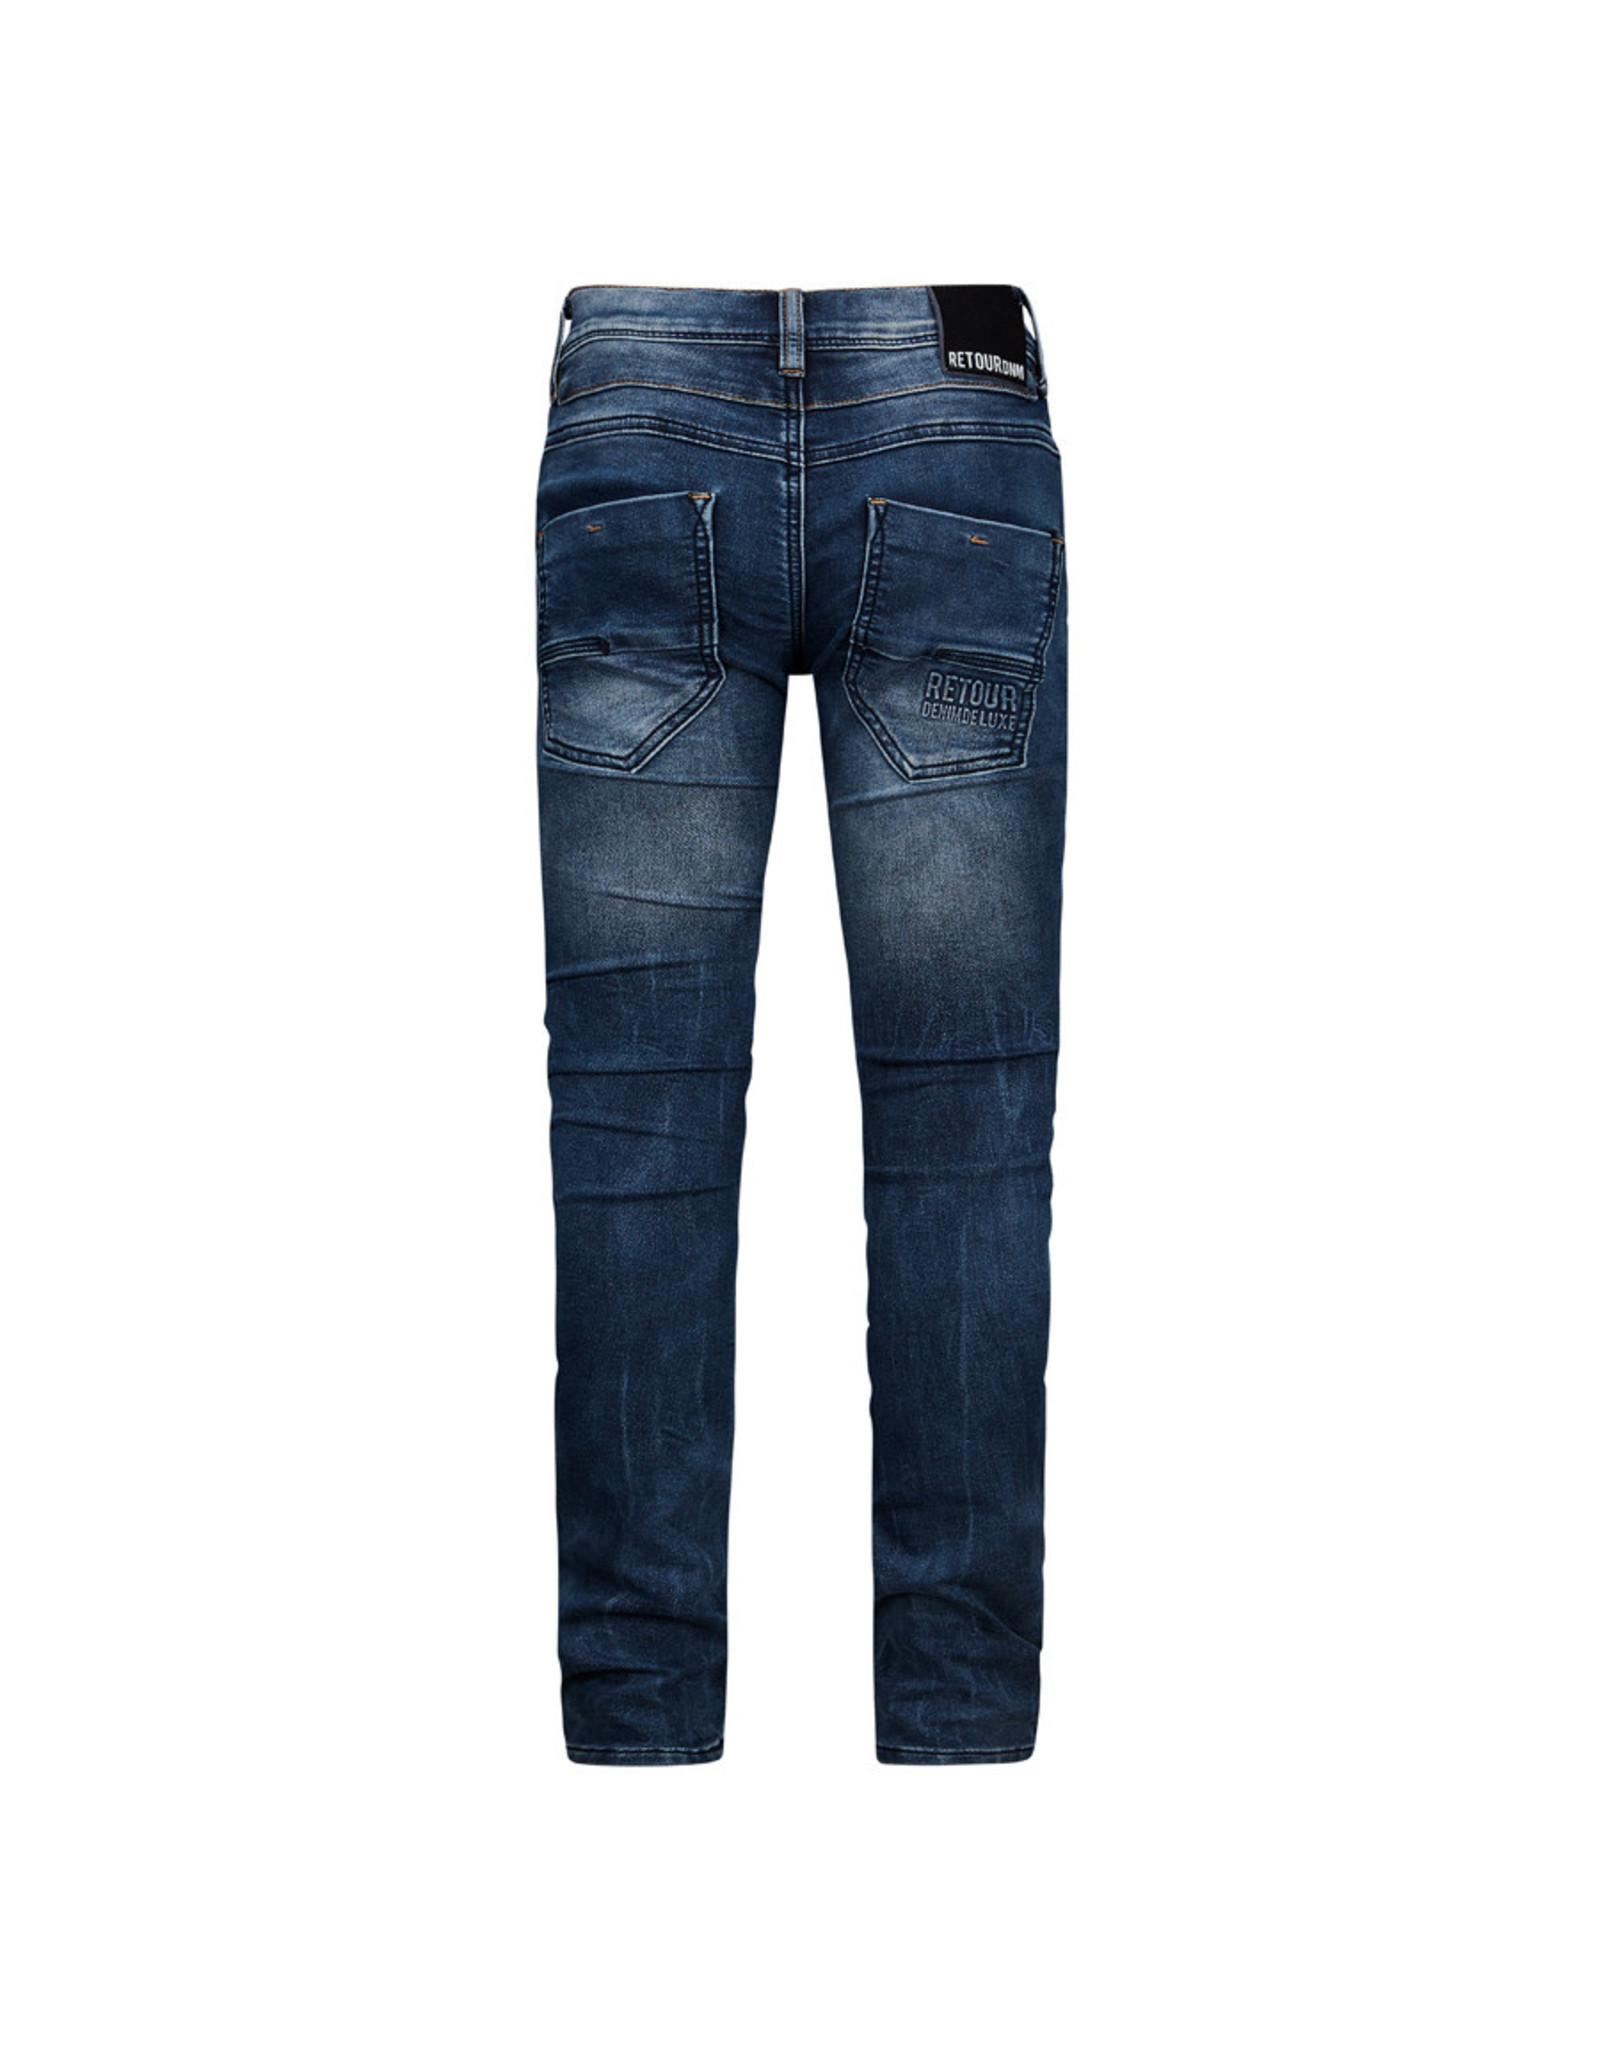 Retour Luigi Jeans medium blue denim